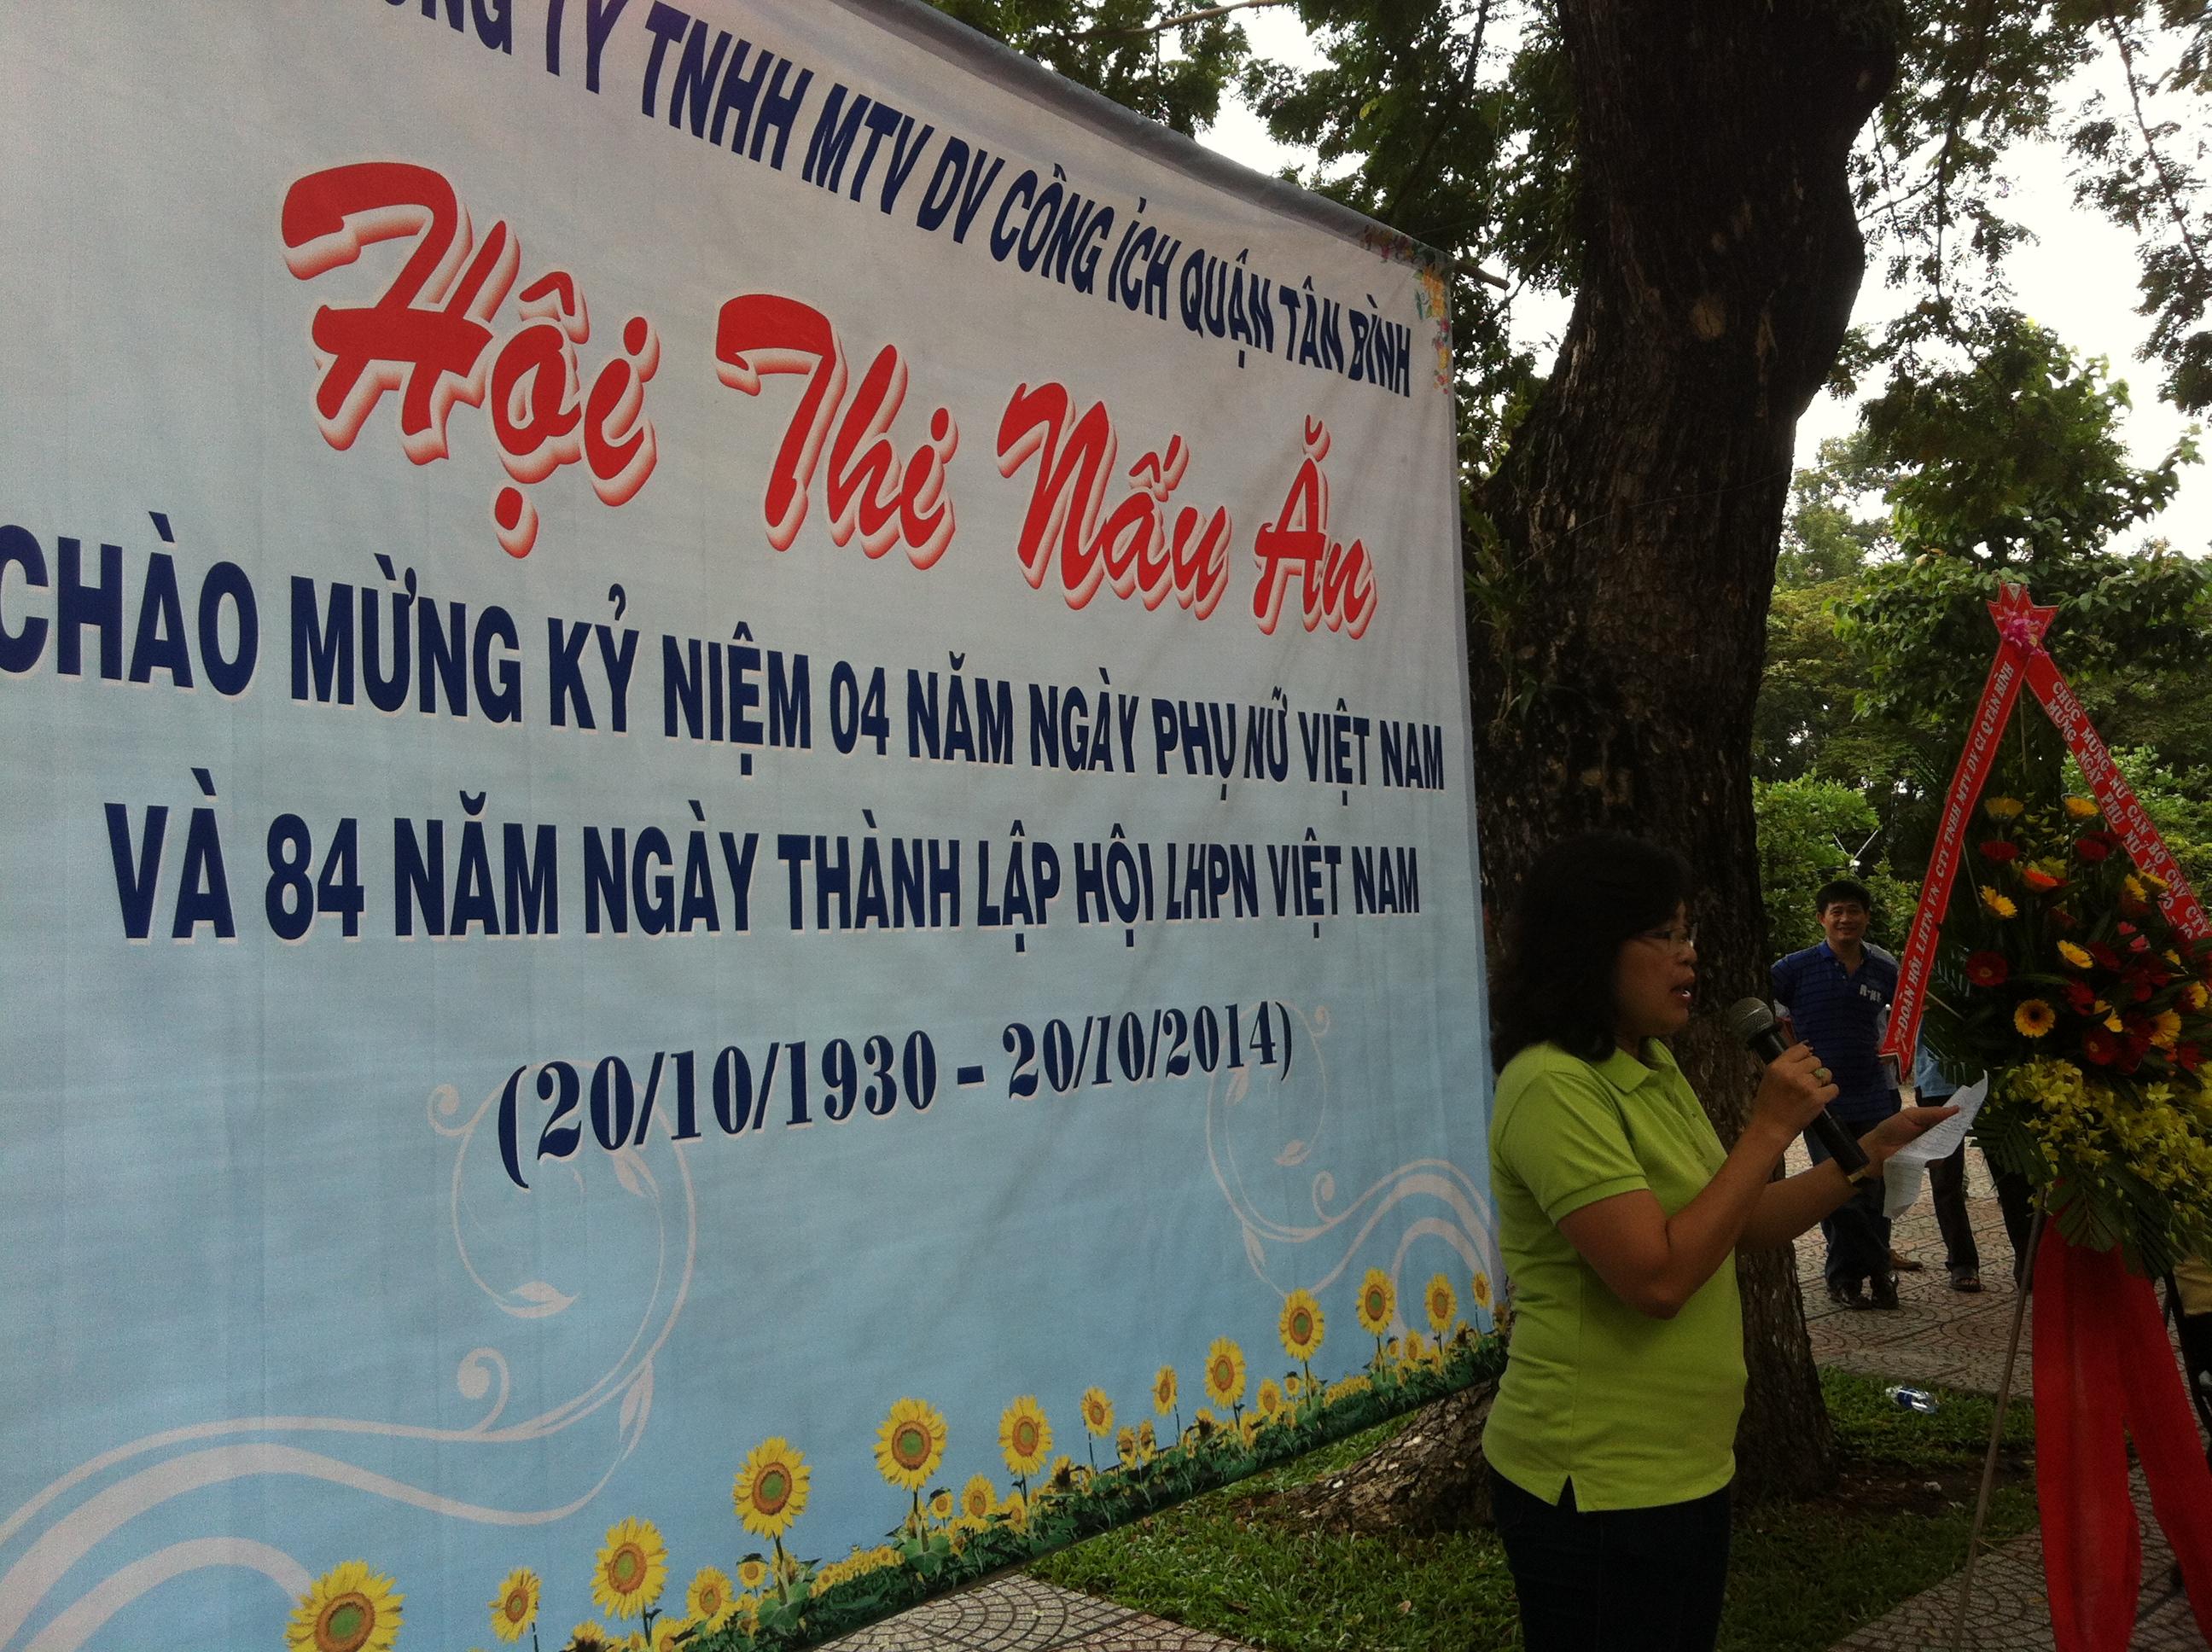 Tổ chức kỷ niệm 84 năm ngày Thành lập Hội LHPN Việt Nam và  04 năm ngày Phụ nữ Việt Nam 20/10/2014